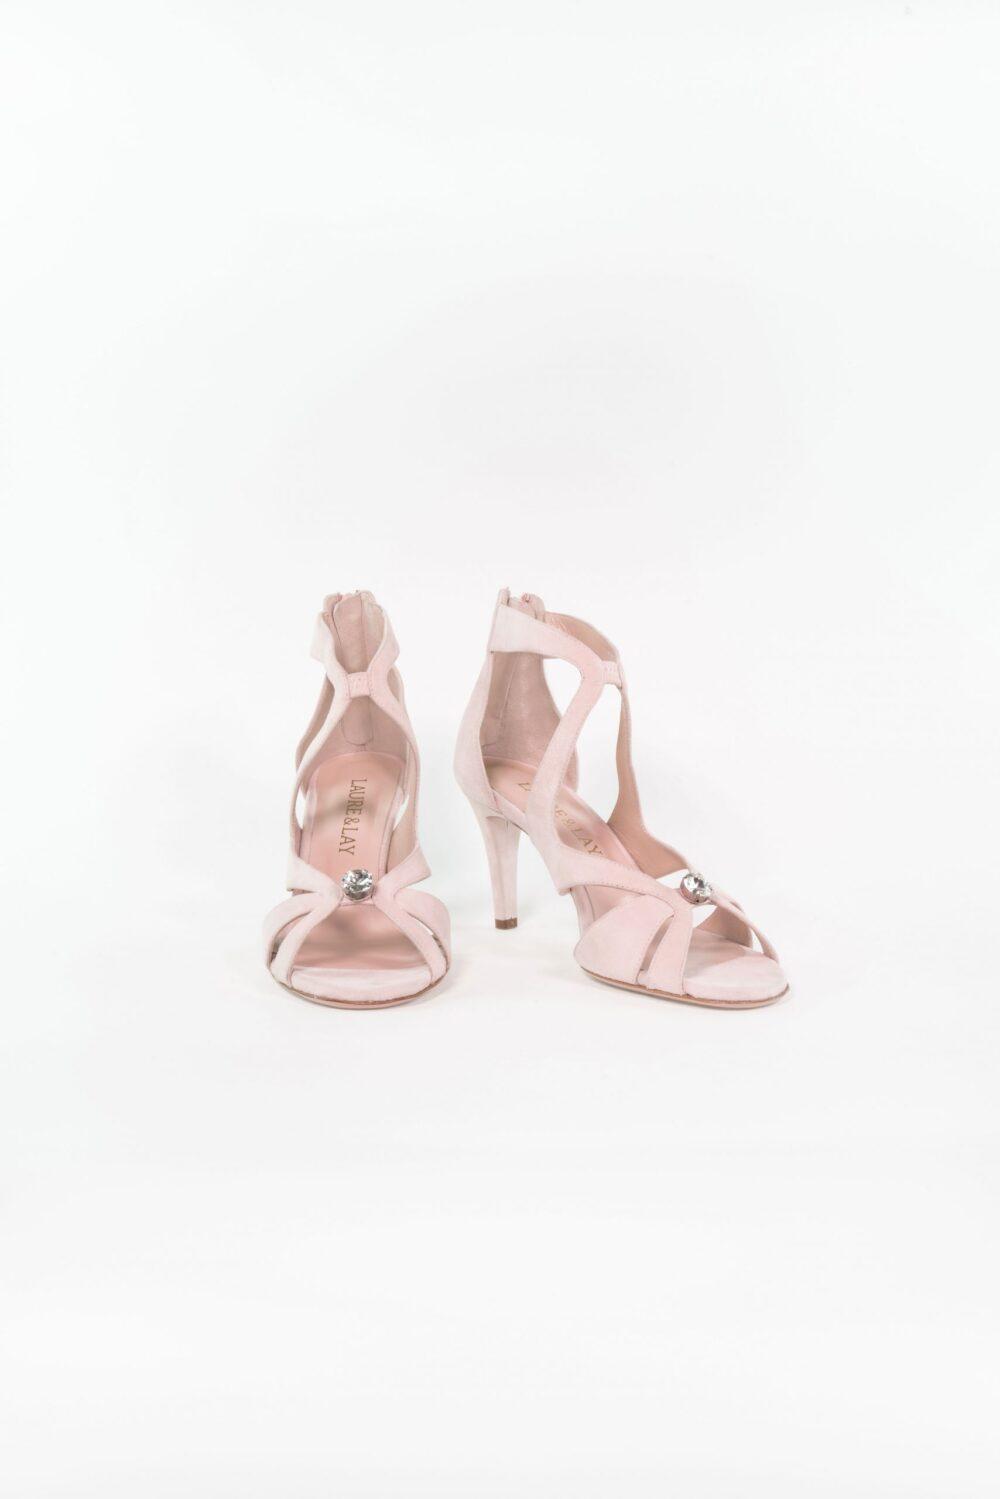 Designer Hochzeitsschuh Lena Light rose